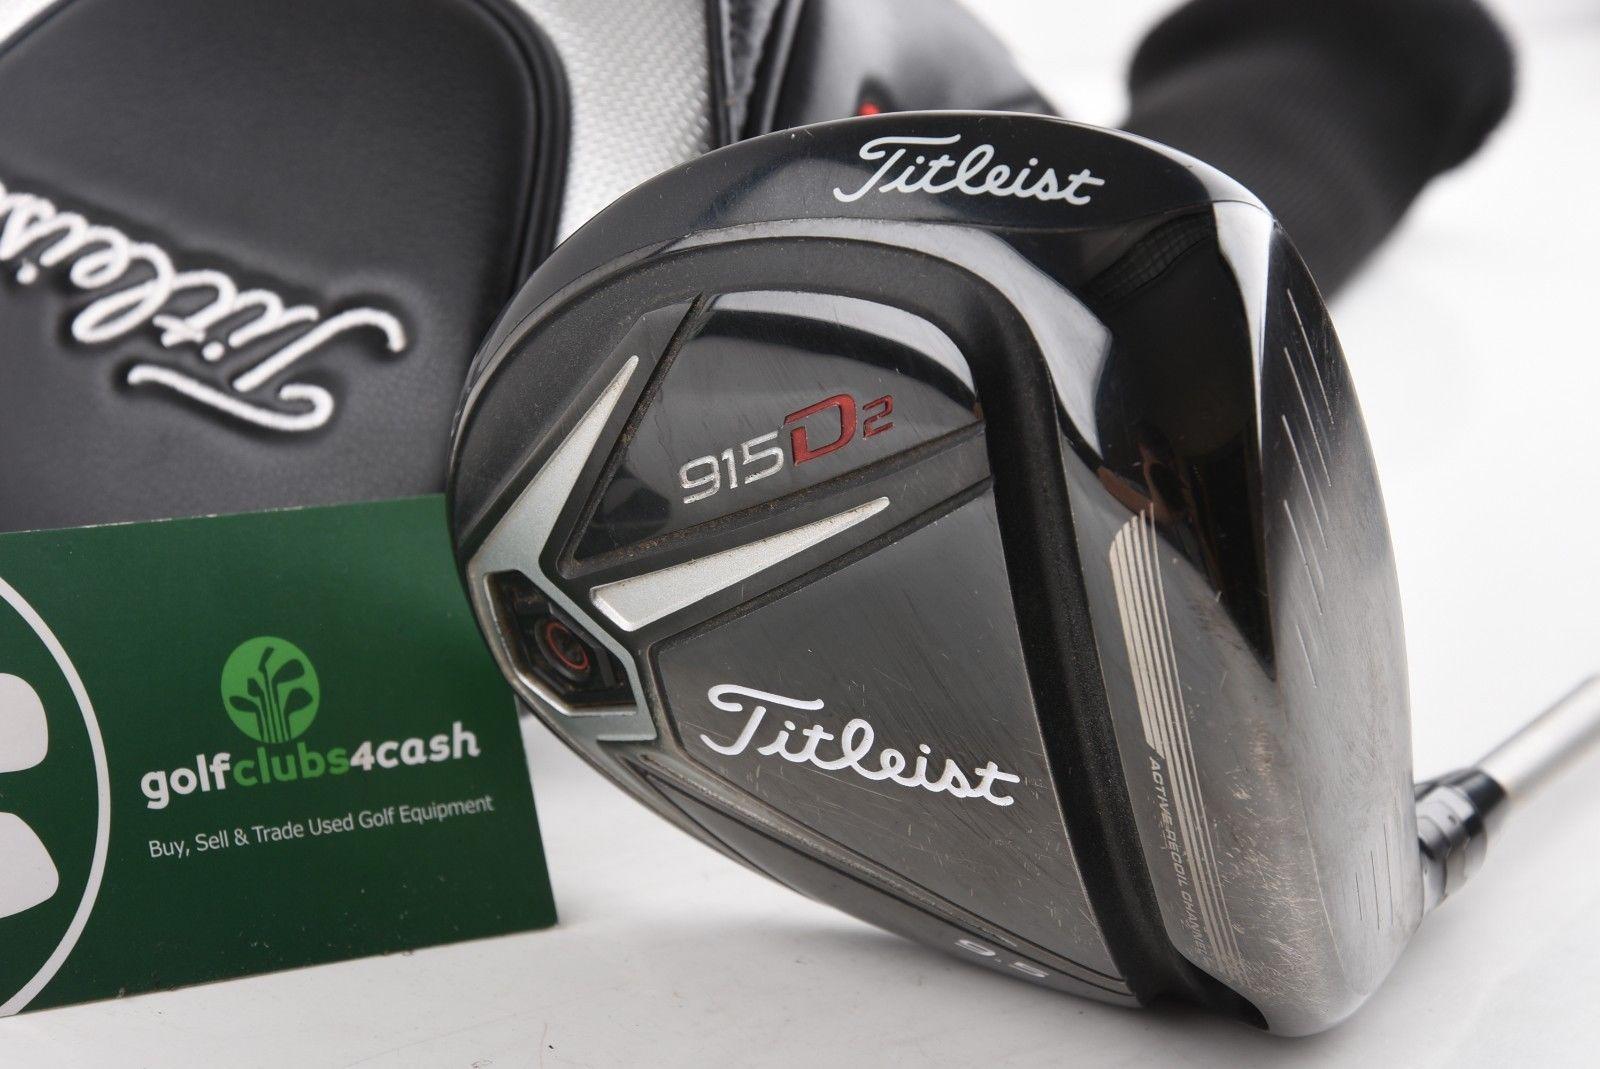 Golfschläger Titleist 915D2 Driver 9.5 degree Stiff flex